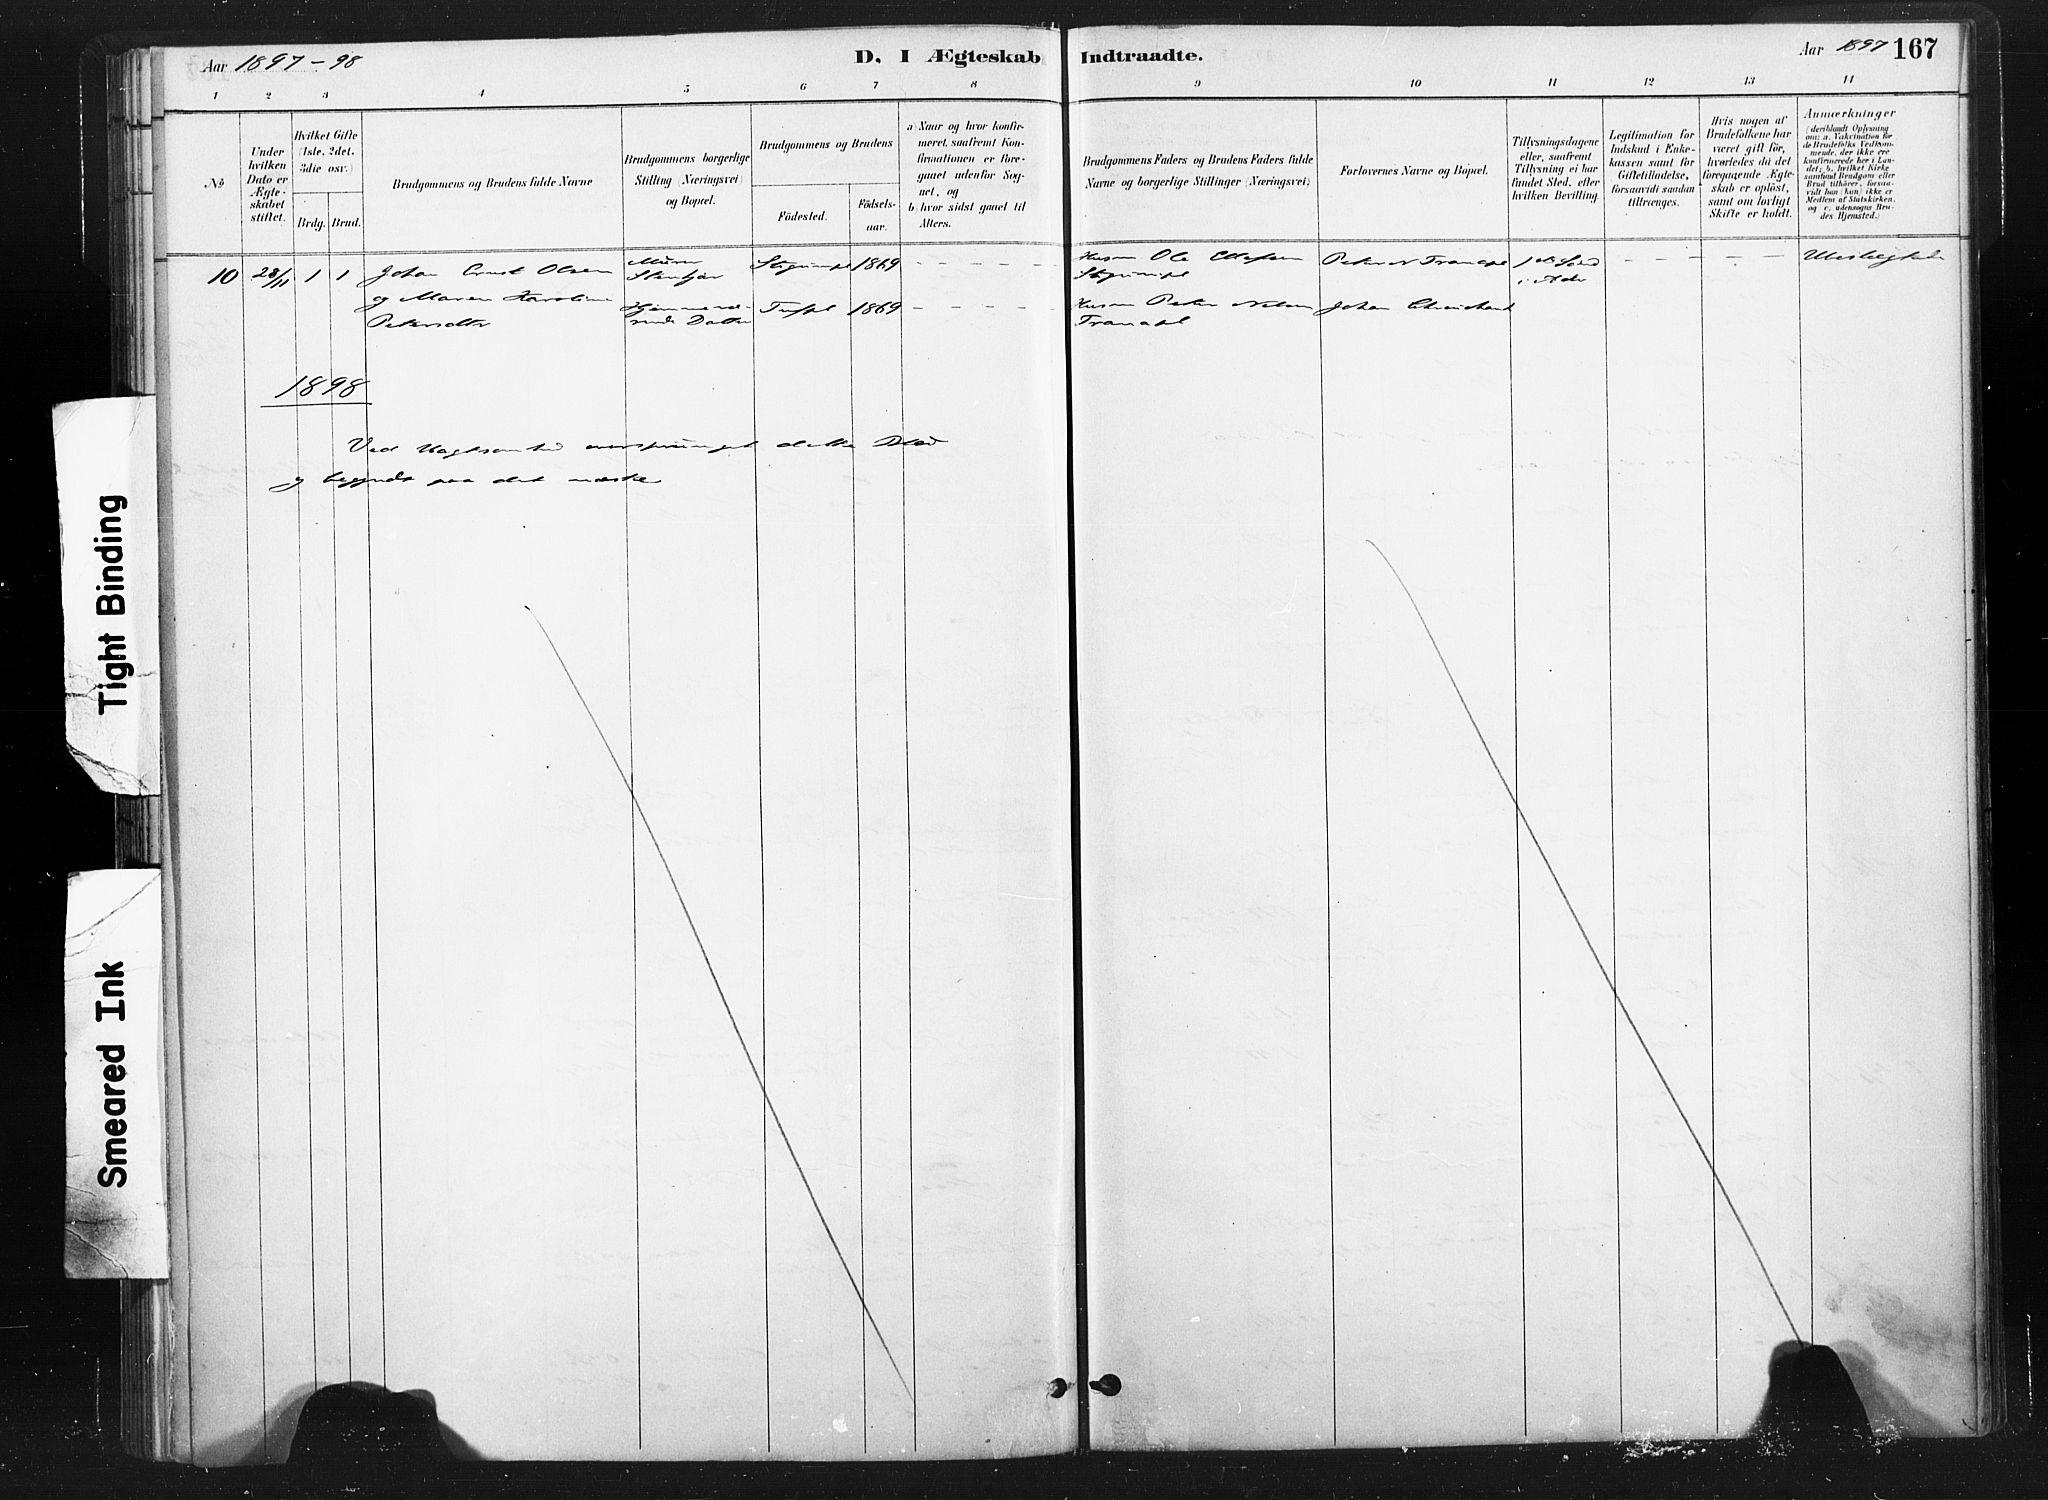 SAT, Ministerialprotokoller, klokkerbøker og fødselsregistre - Nord-Trøndelag, 736/L0361: Ministerialbok nr. 736A01, 1884-1906, s. 167